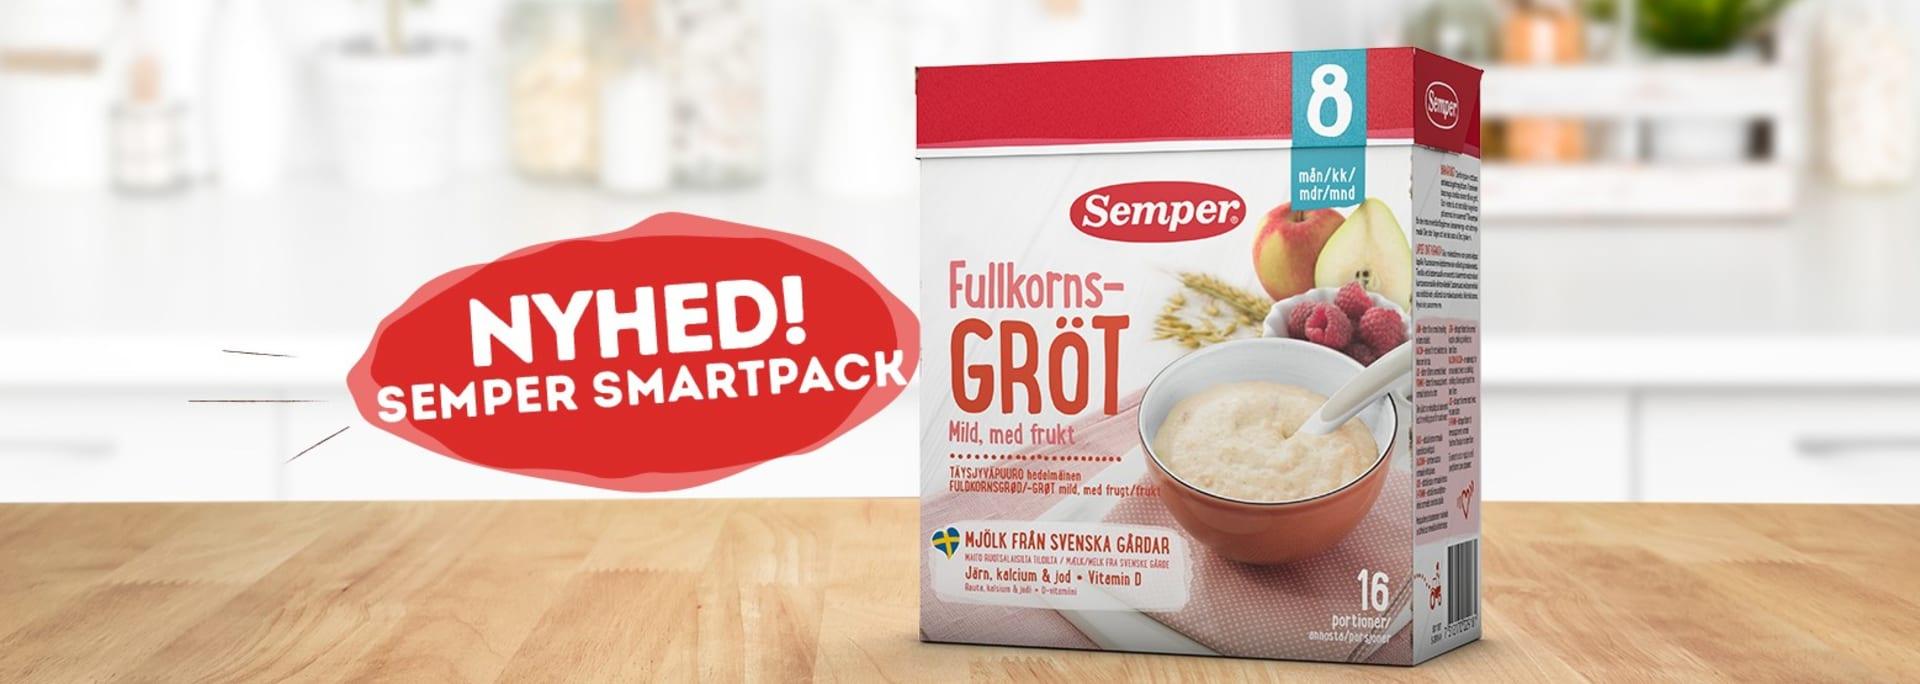 Sempers nye grød i SmartPack